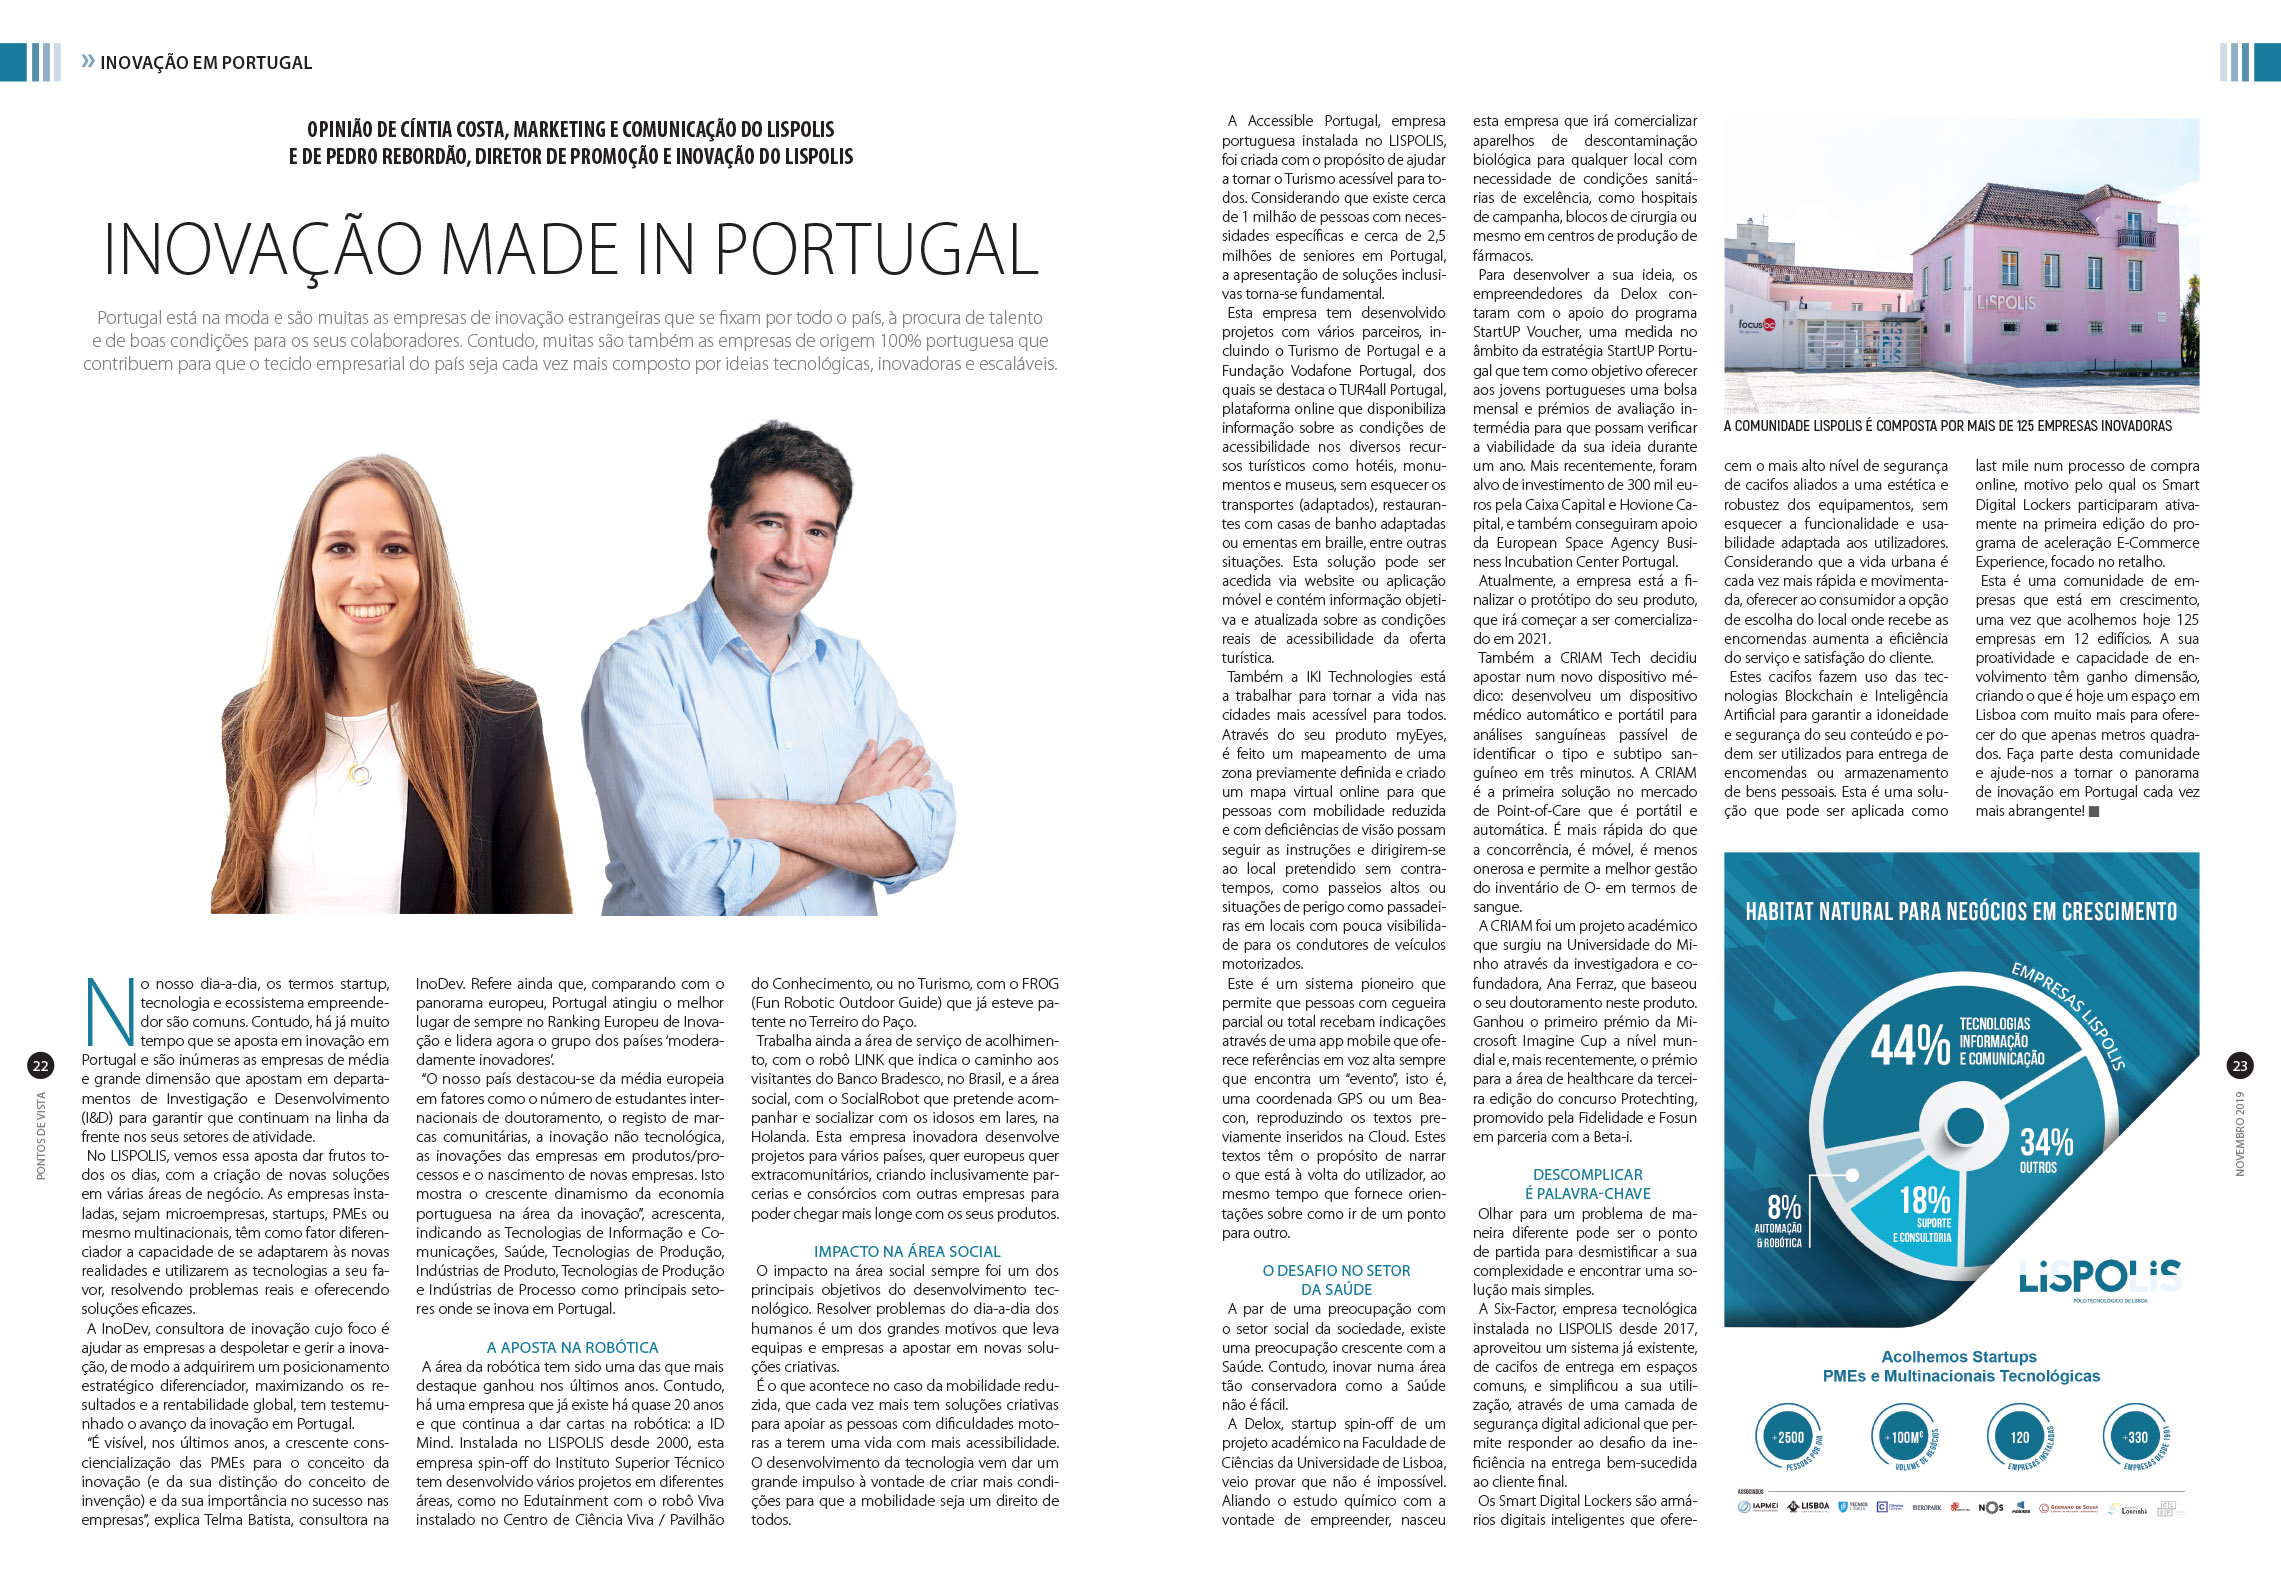 LISPOLIS - Inovação Made in Portugal